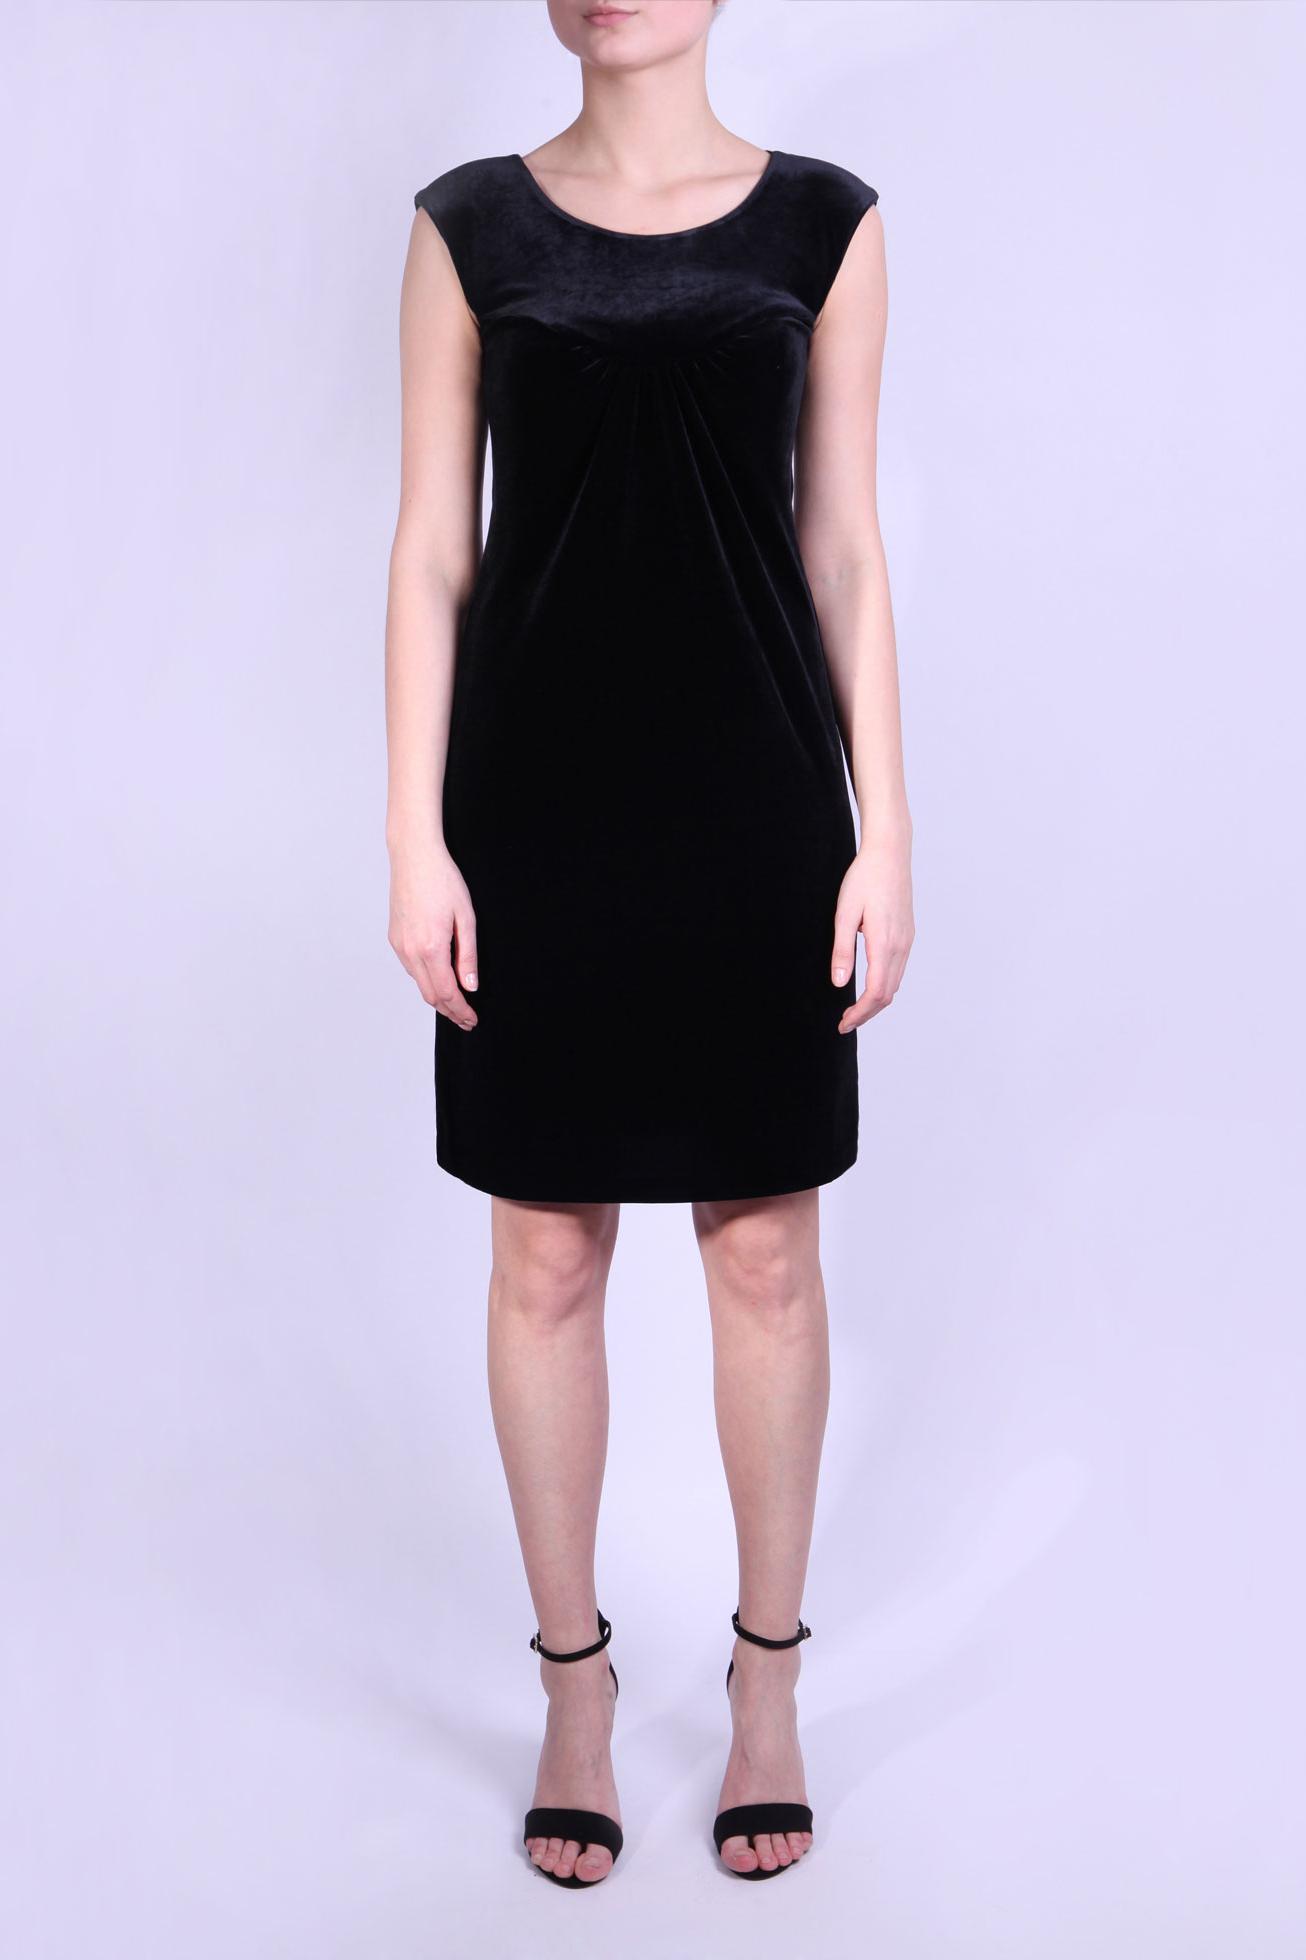 Платье чемодан wenger zurich ii цвет черный 48 см x 30 см x 72 см 104 л